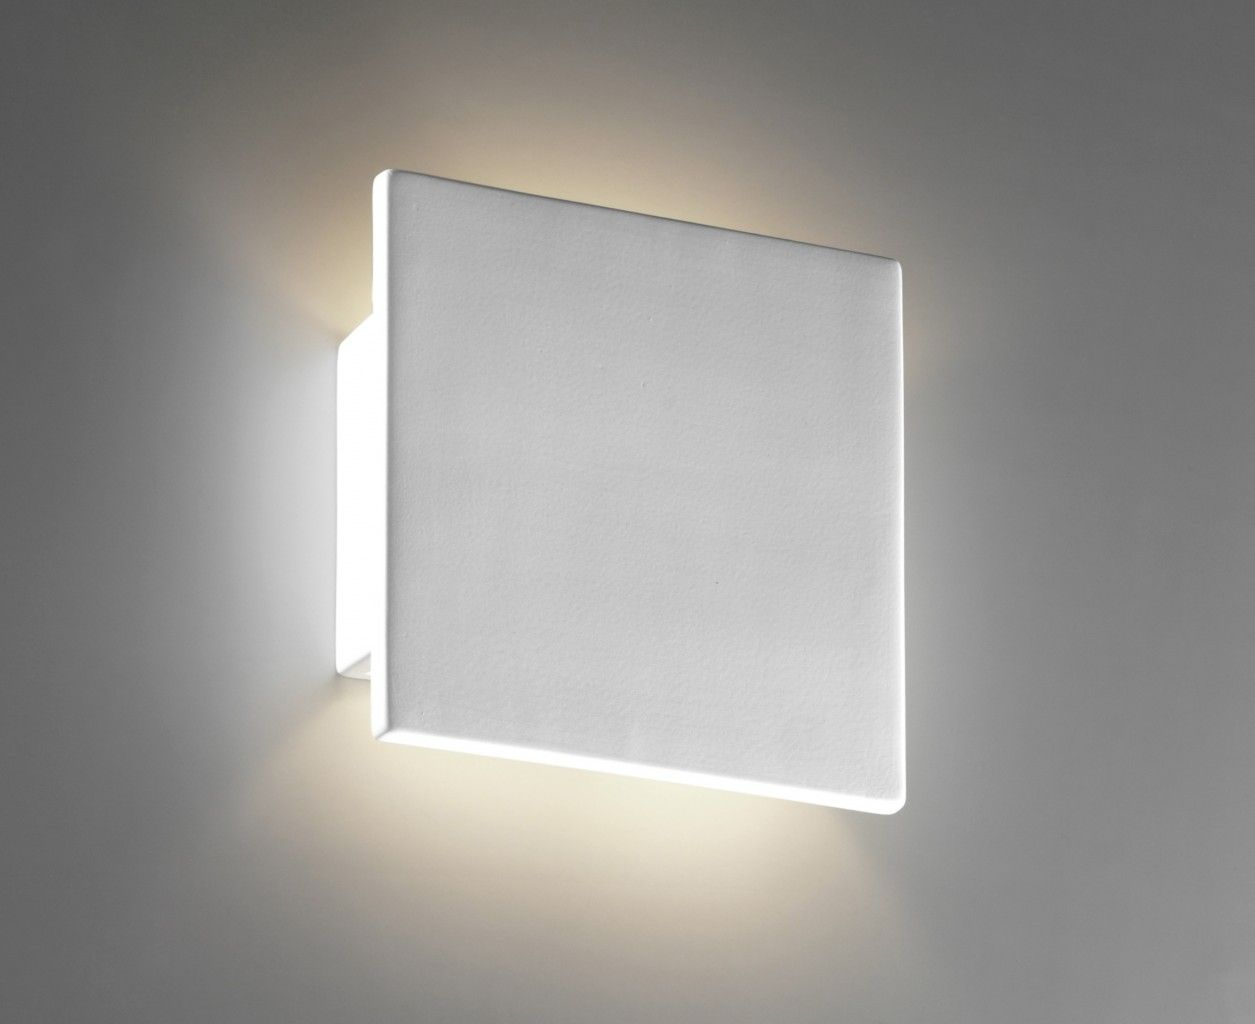 Applique in gesso a scomparsa illumiplast faretto quadrato